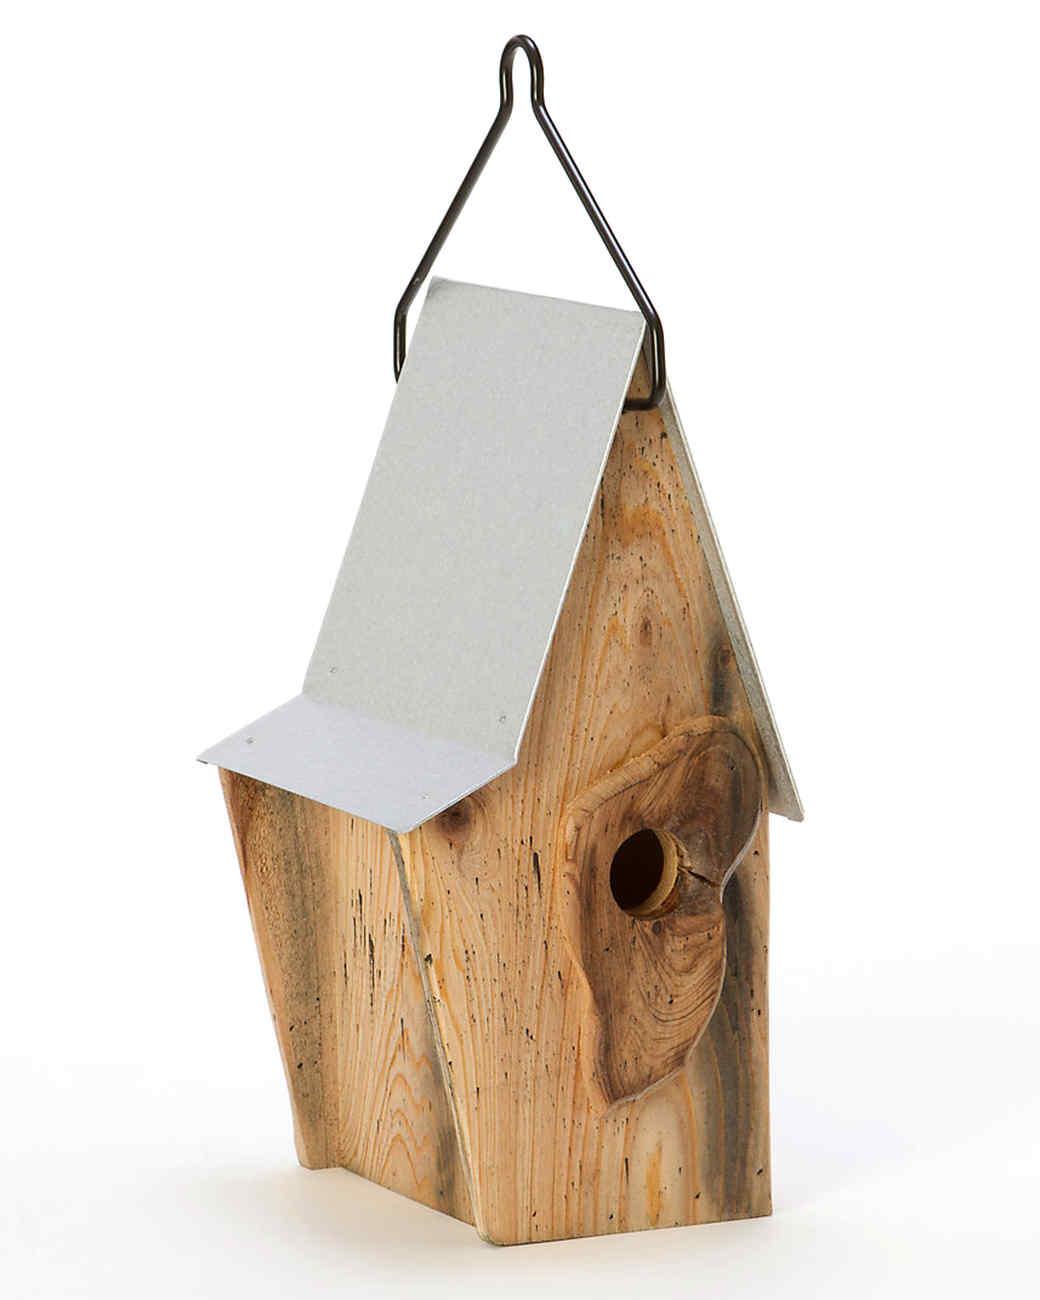 terrain-cottage-birdhouse.jpg